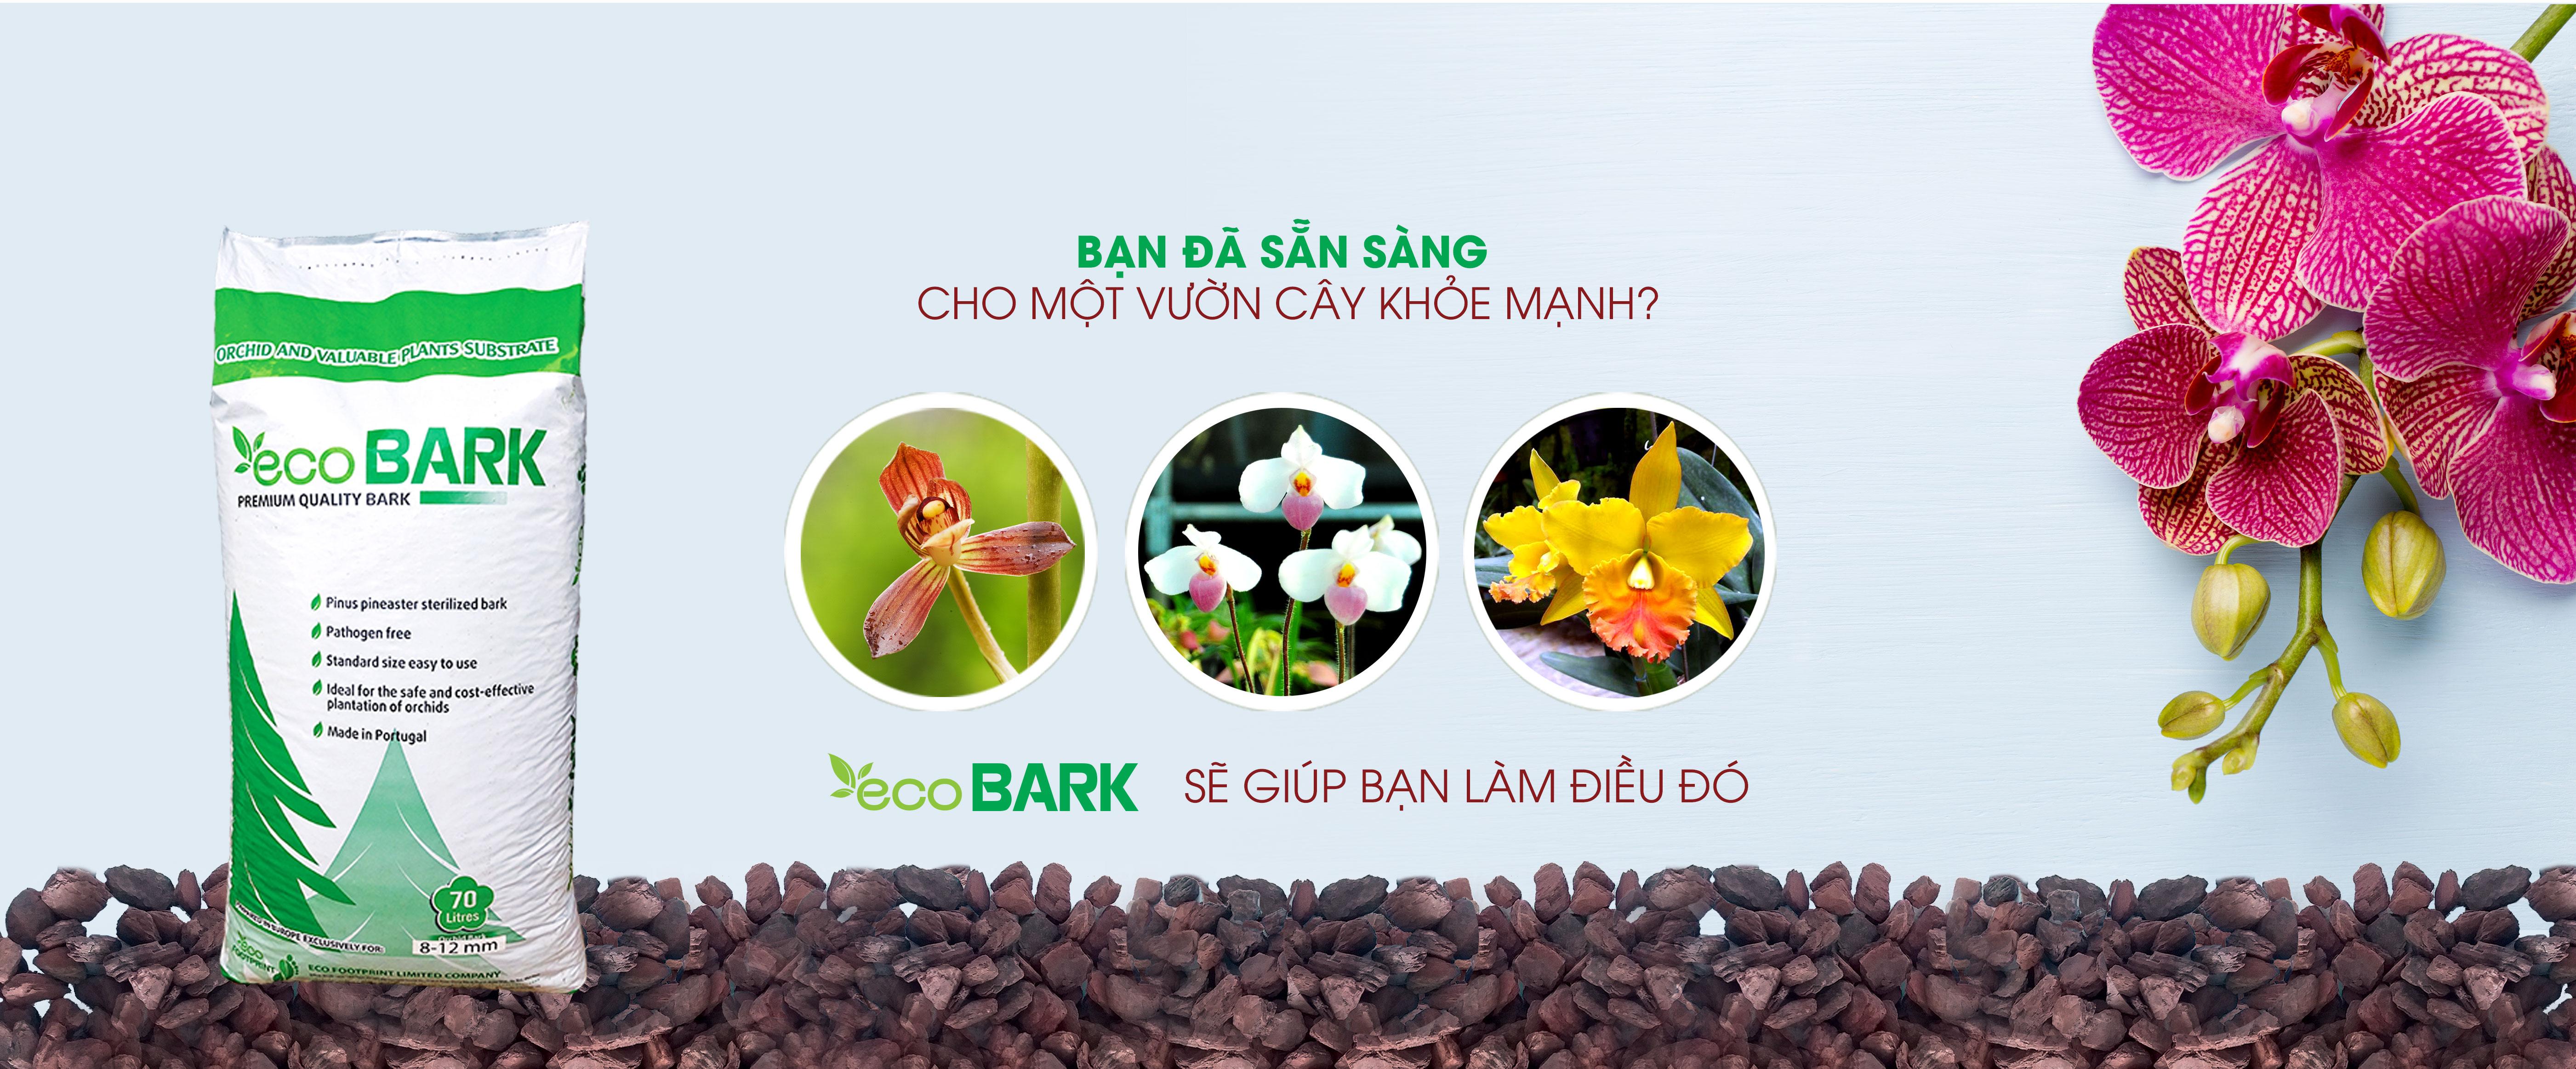 Ecobark